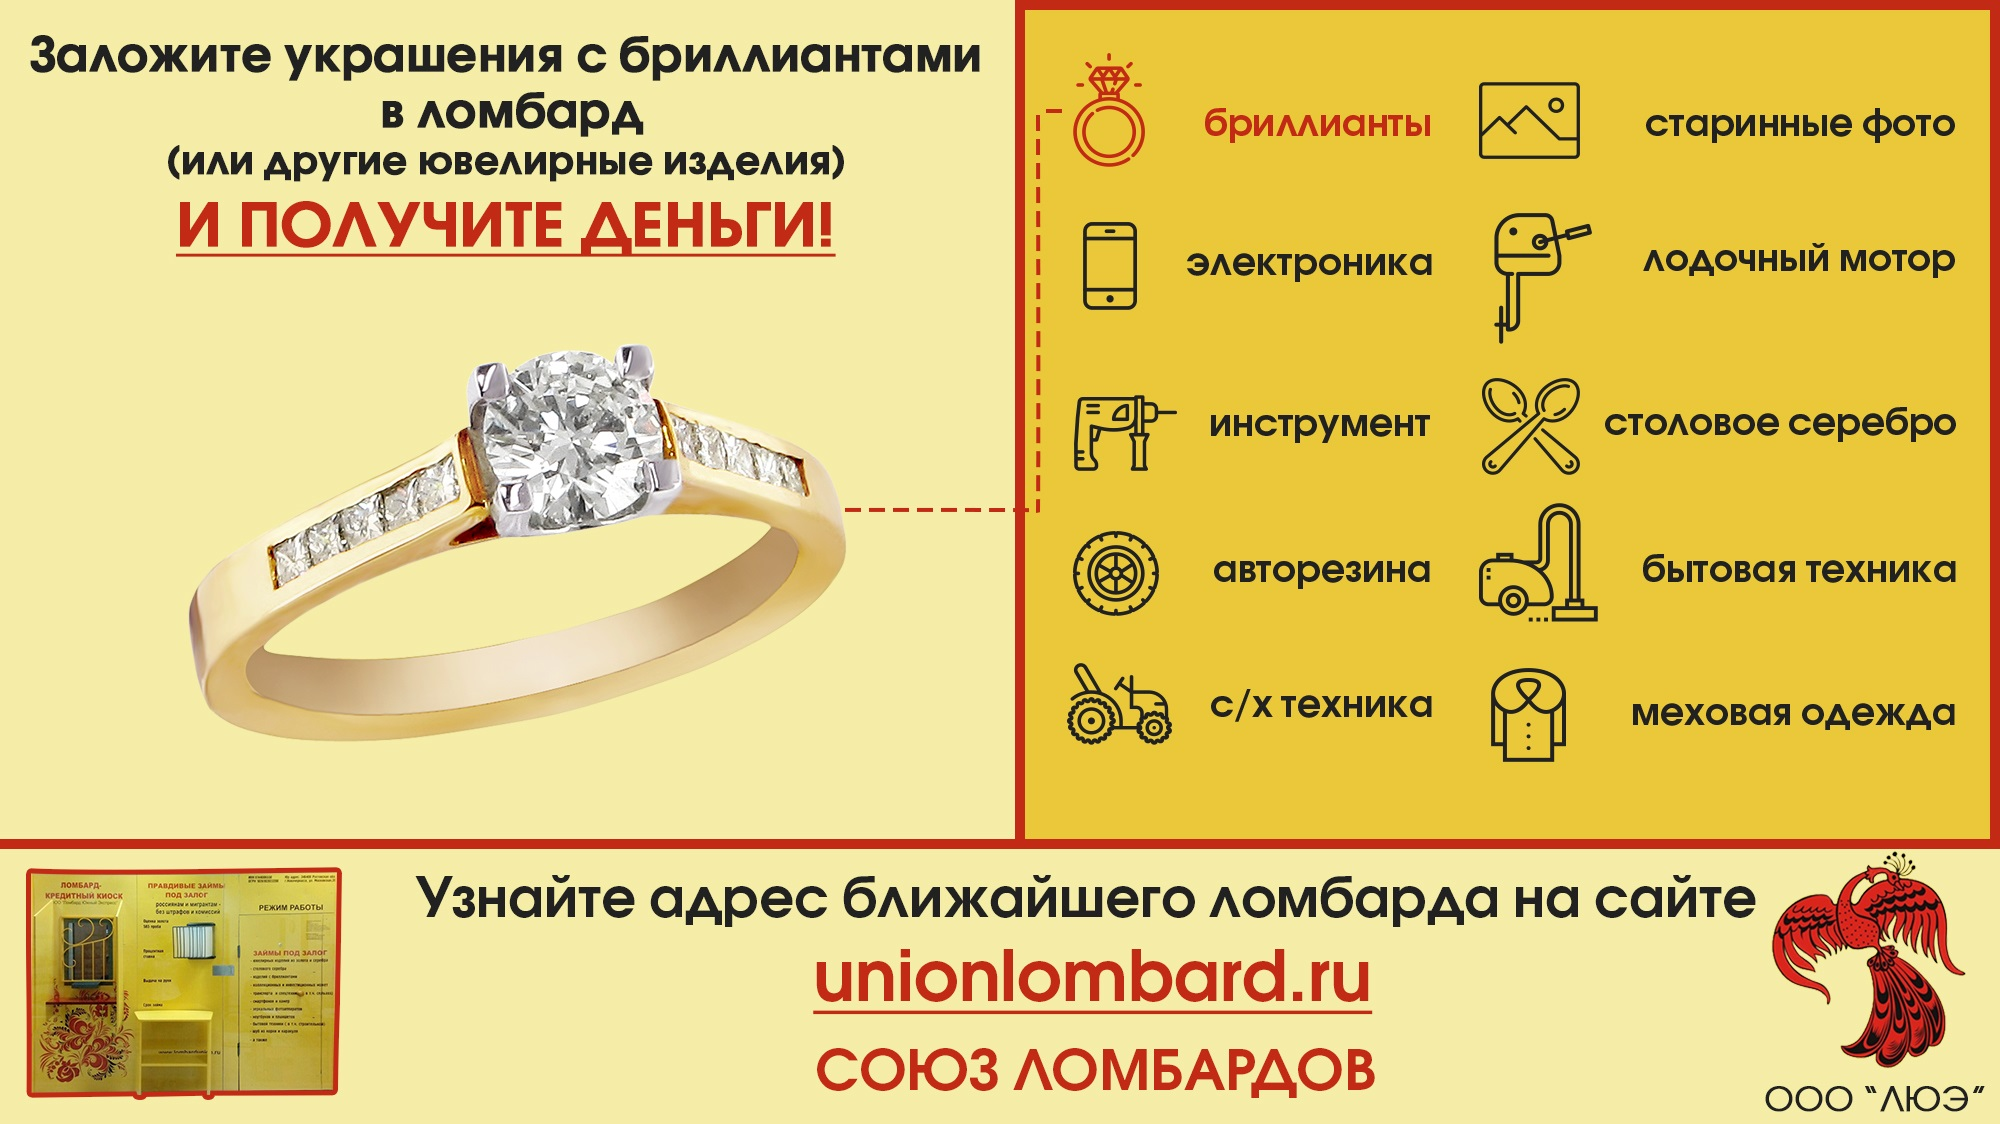 Принимающий бриллианты ломбард час жена стоимость услуги на